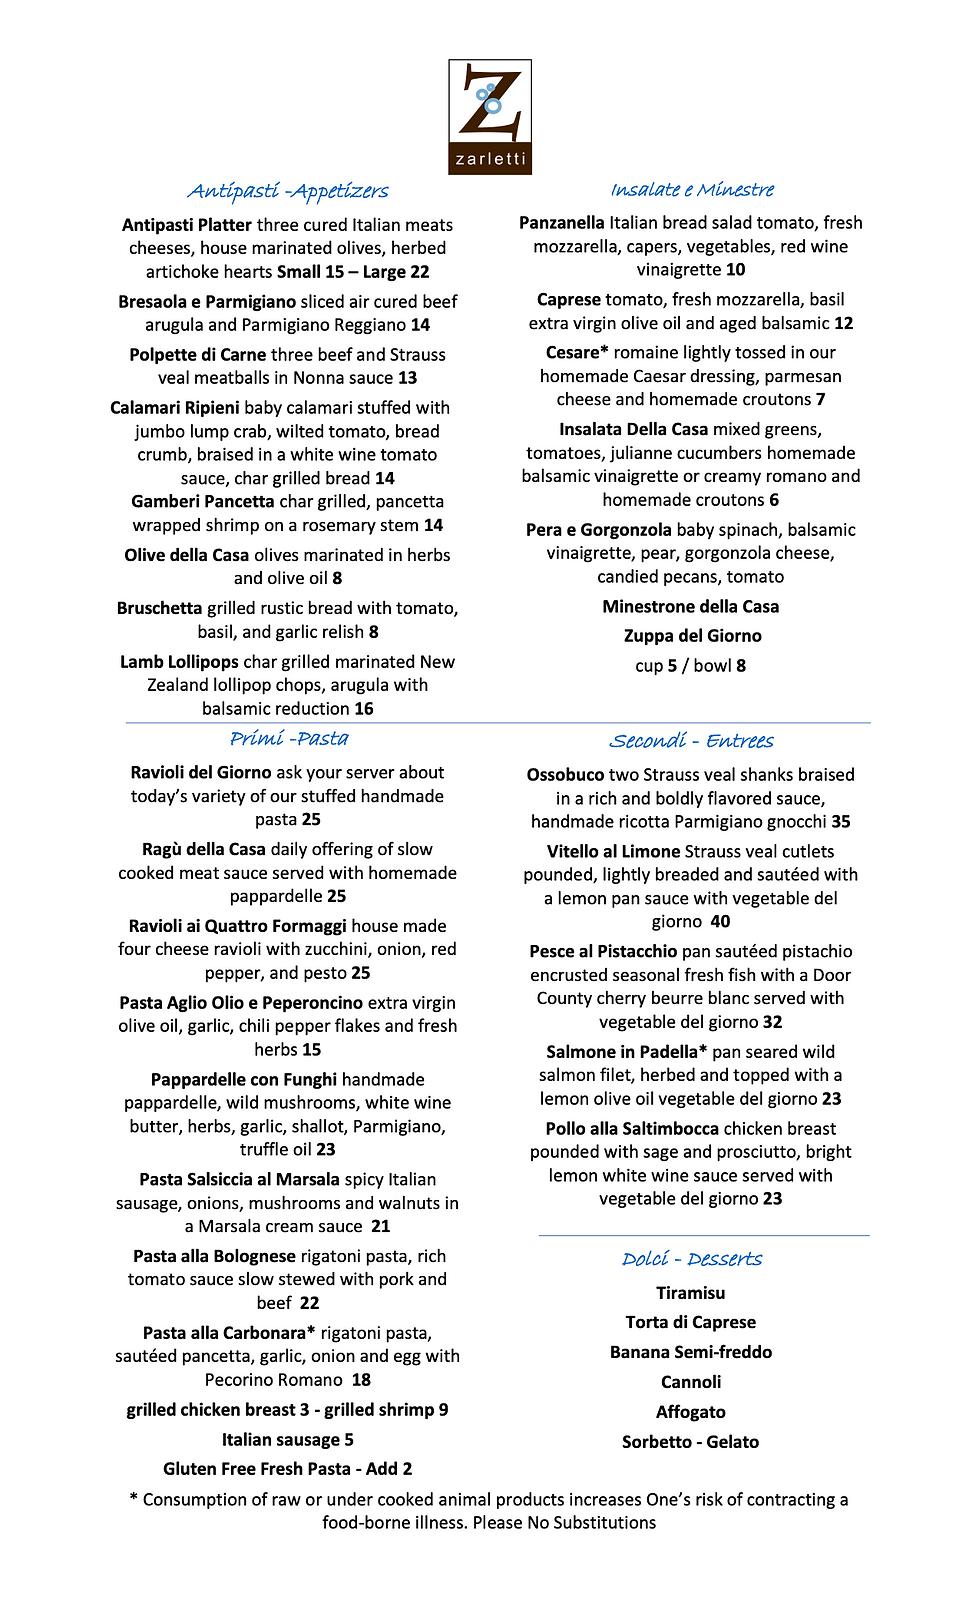 Zarletti Dinner Menu 8-31-2020 (dragged)